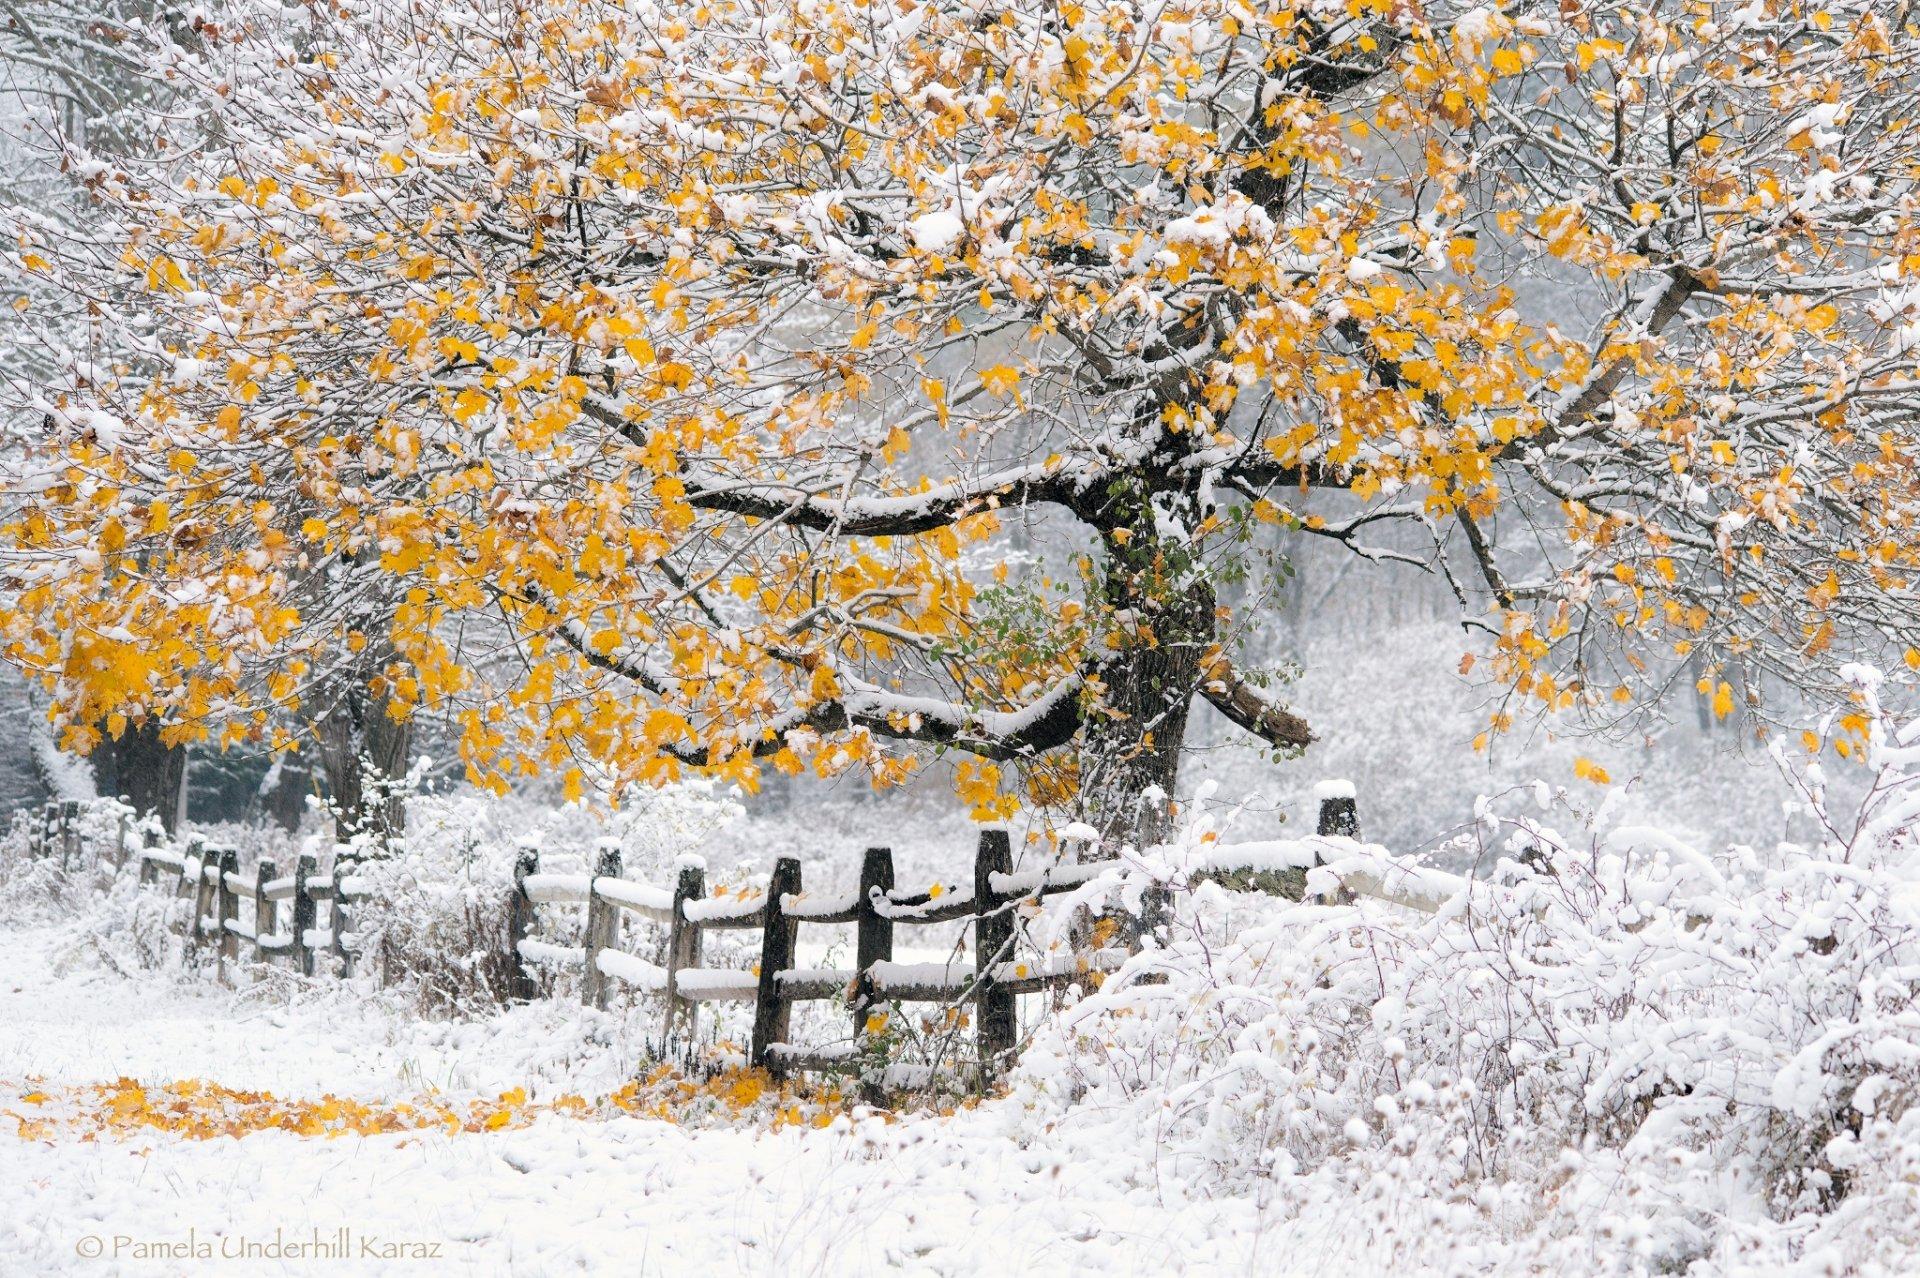 осень первый снег обои рабочего стола № 636987 загрузить